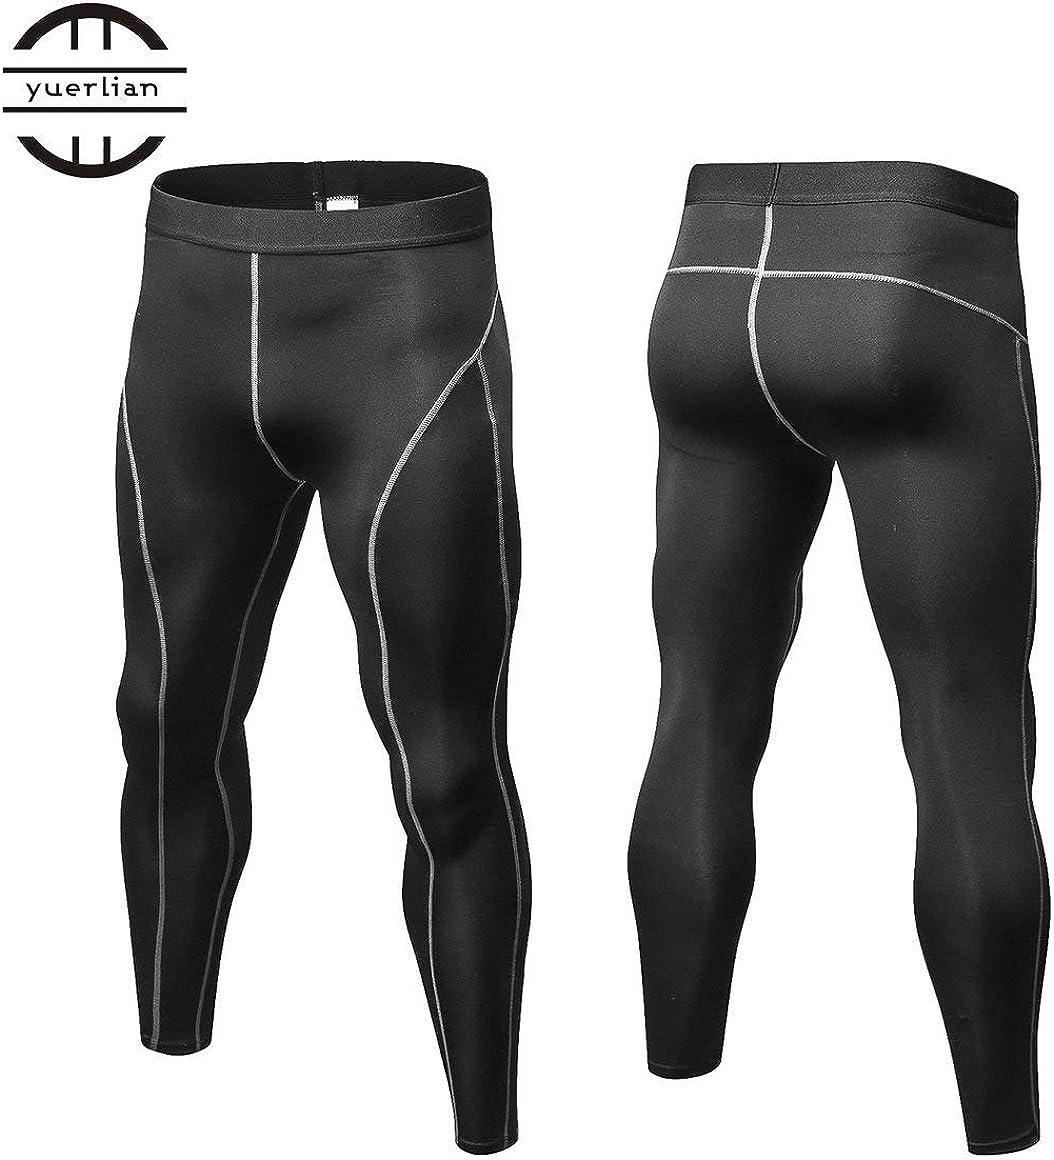 Funnyrunstore Hommes Pantalons Compression Collants Solid Color Sports Bodybuilding Mans Pantalon S/échage Rapide Running Skinny Leggings Couleur: noir; Taille: L